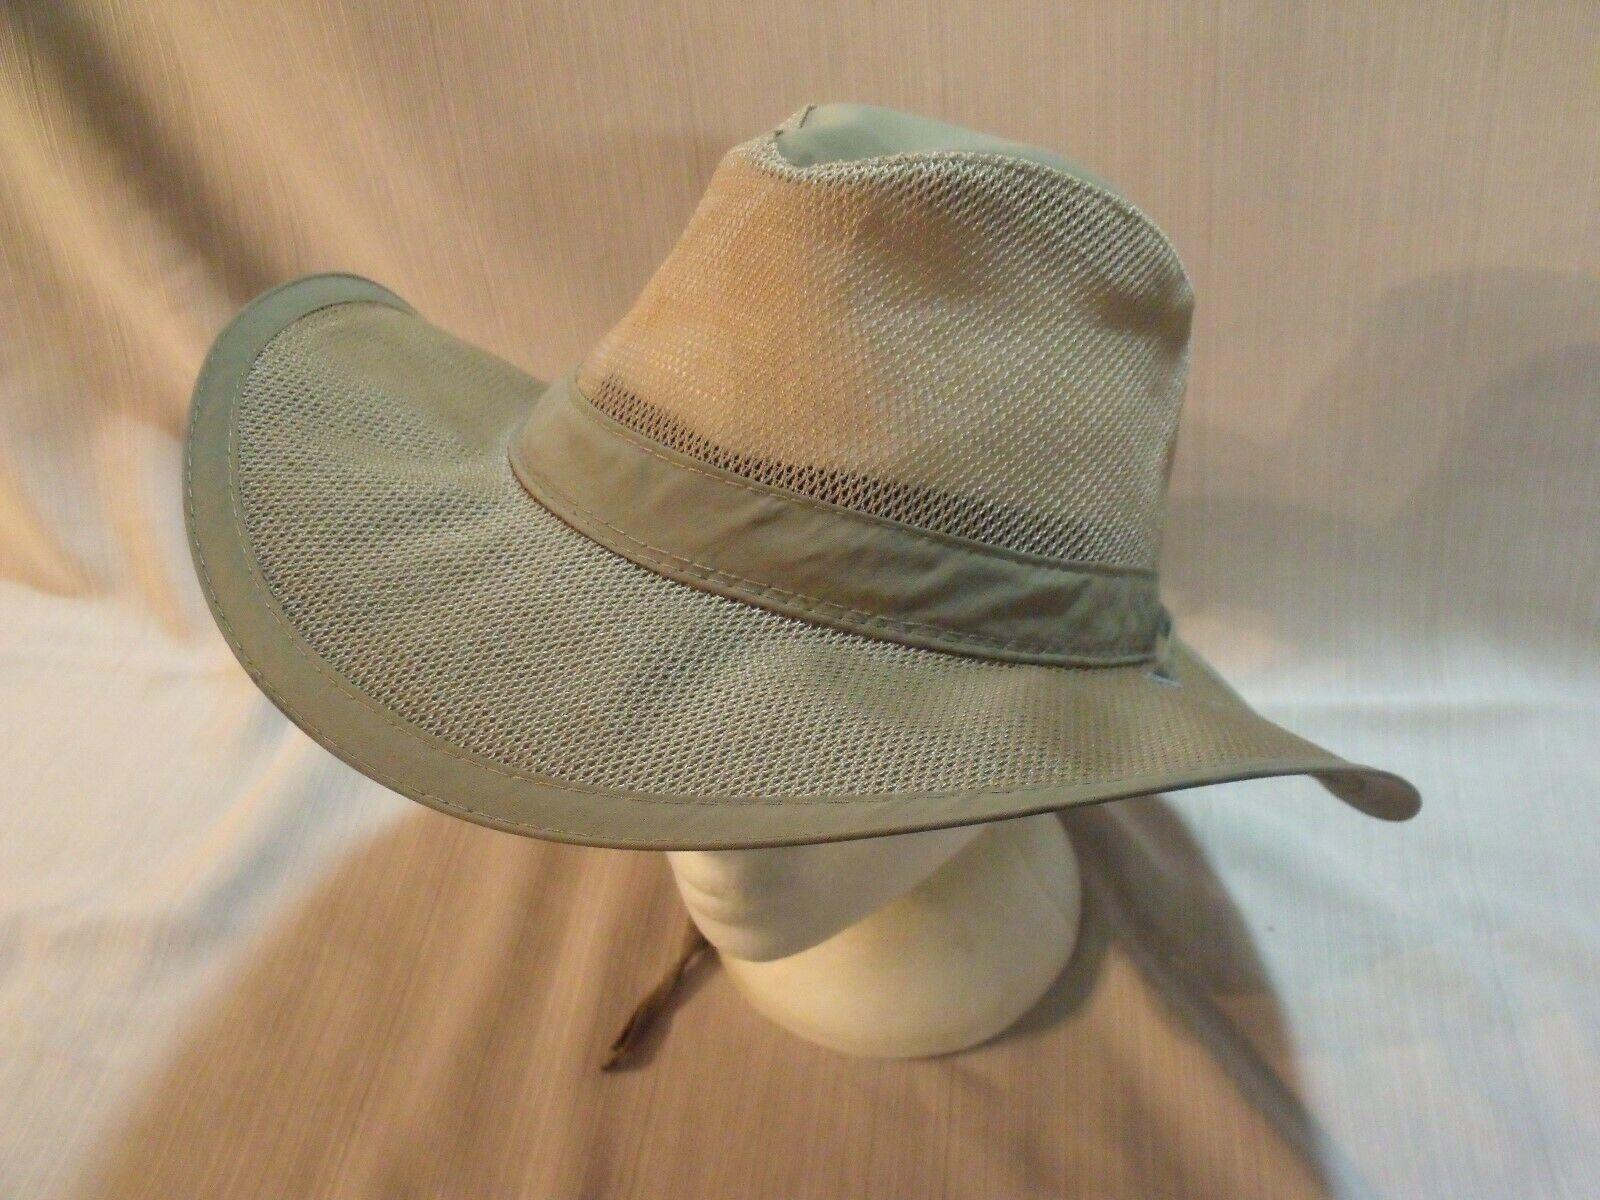 DPC Dorfman Pacific Co Wide Brim Airflow Hat Large